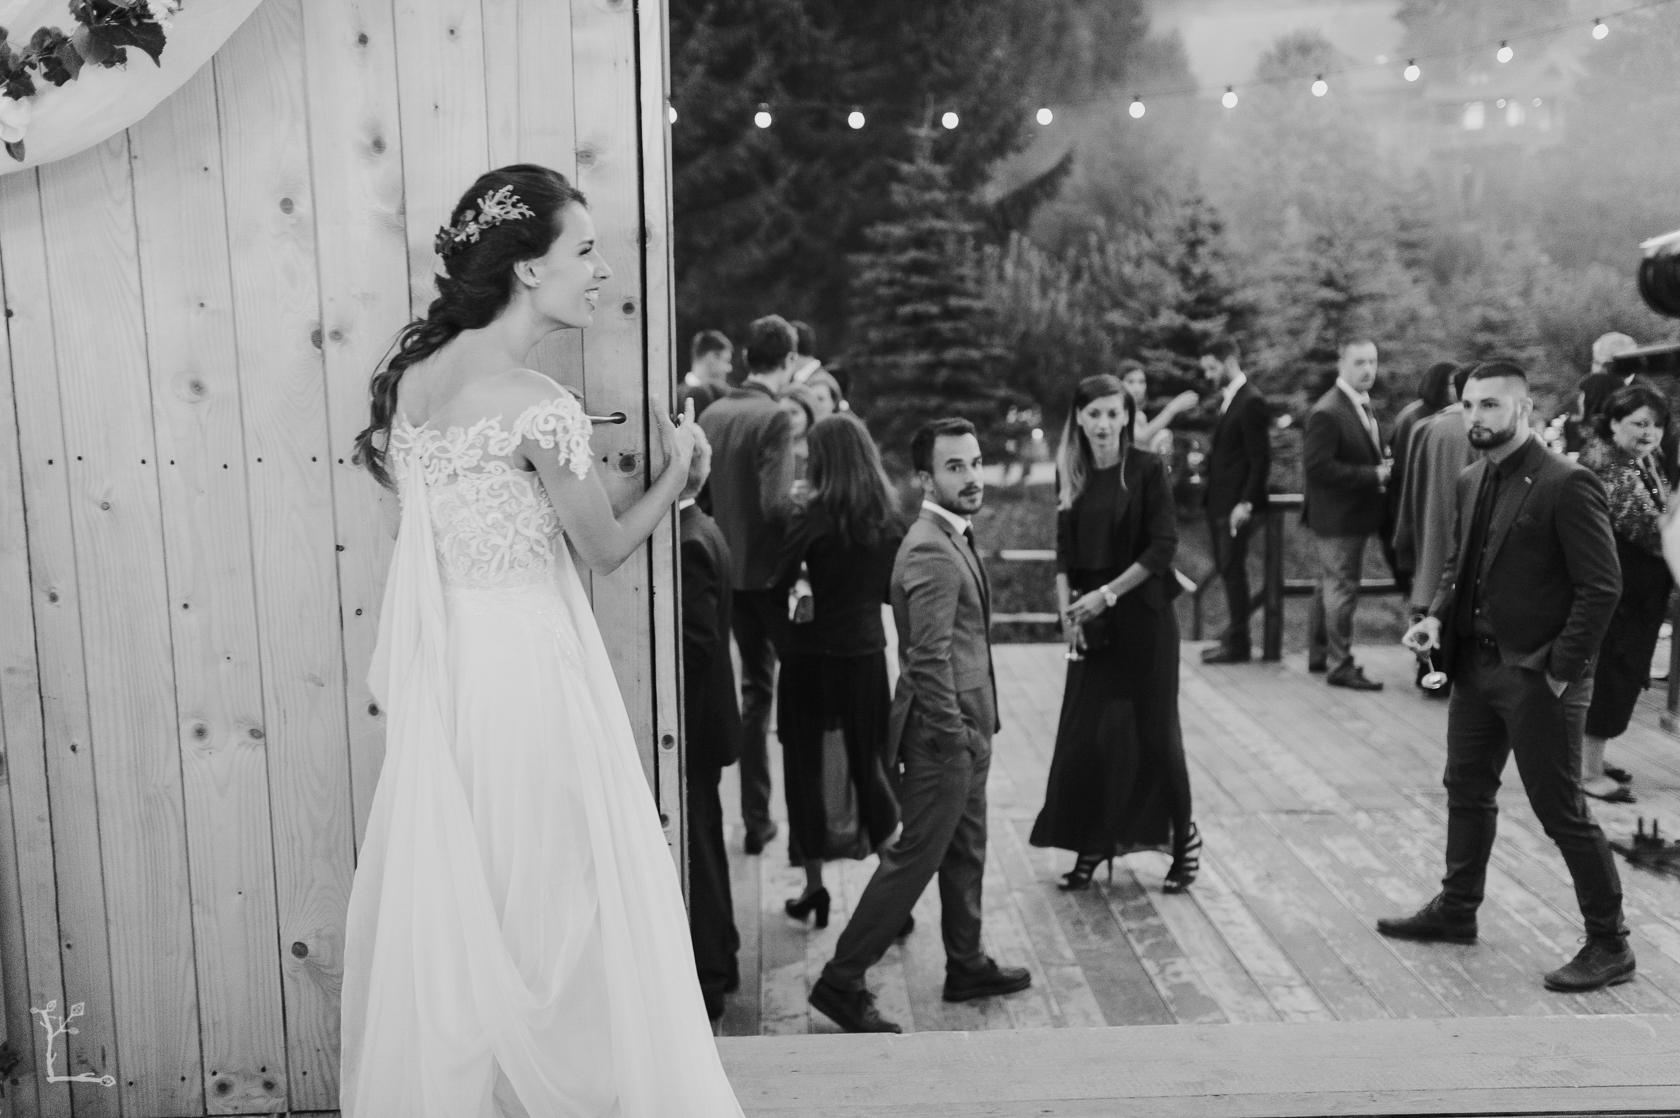 fotograf nunta89